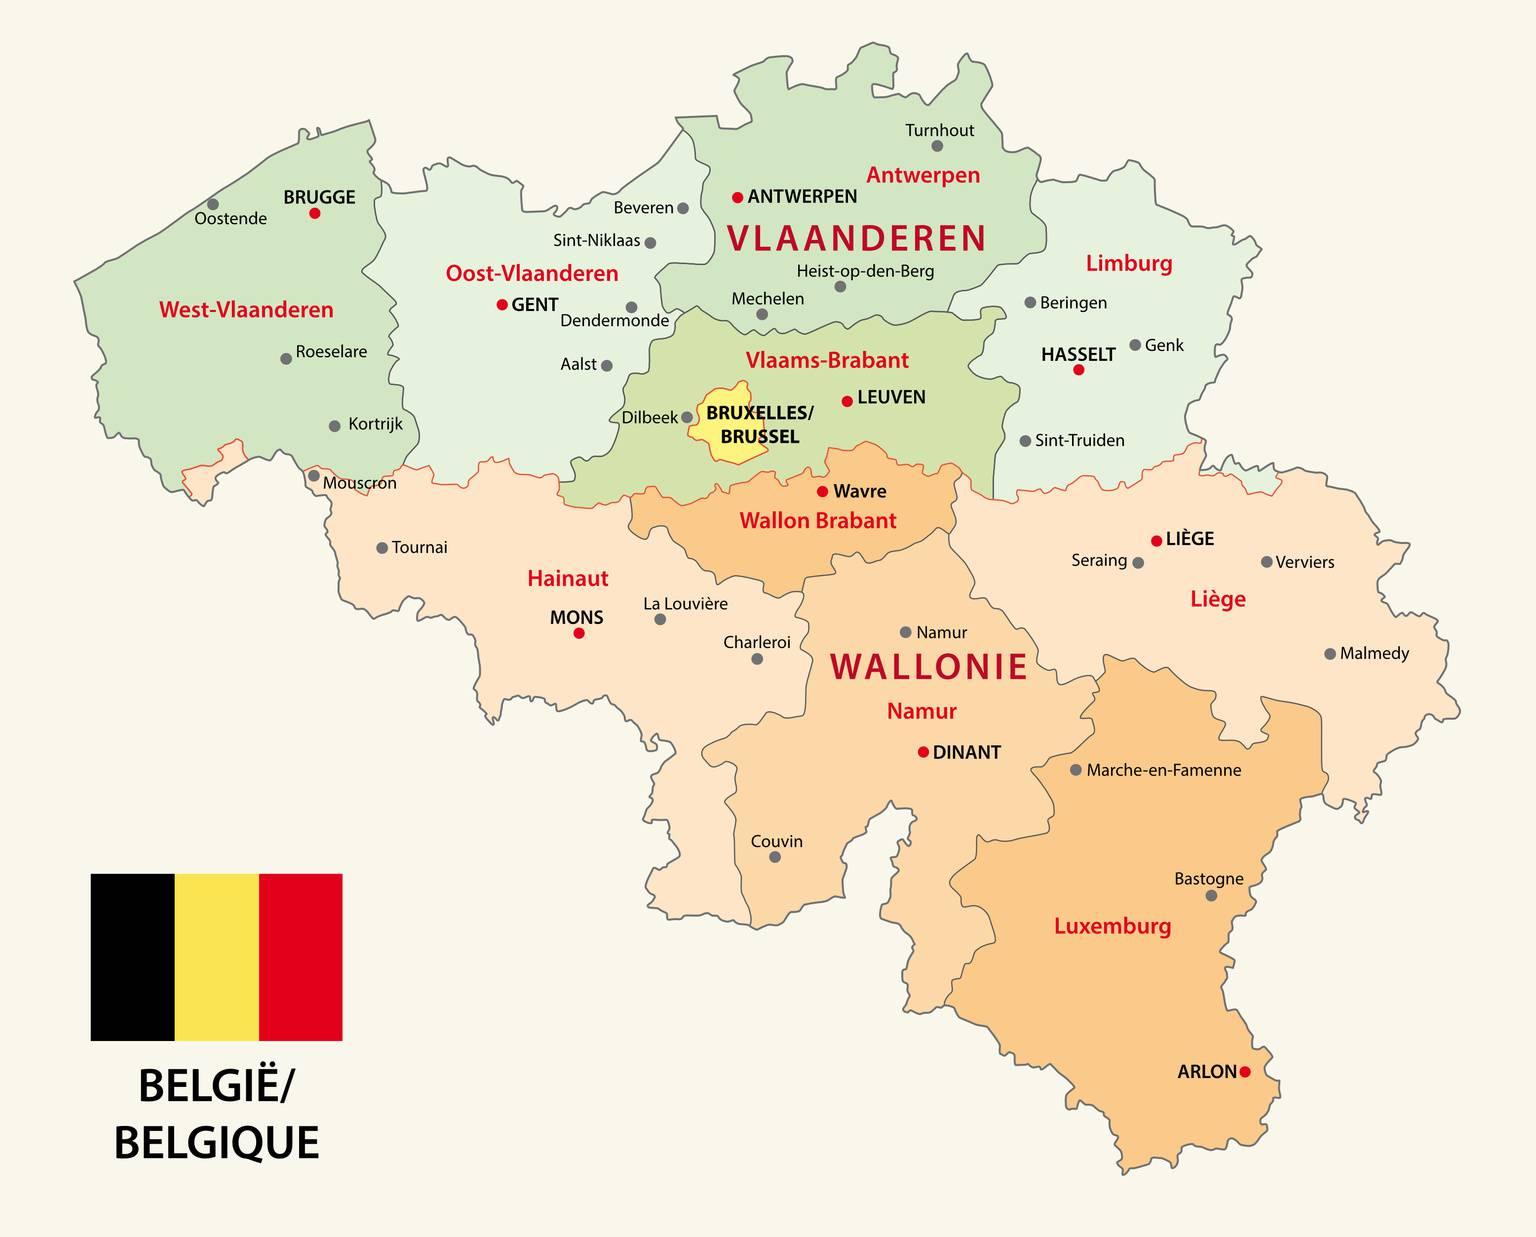 Regions de la belgique pictures to pin on pinterest for Bruxelles piscine